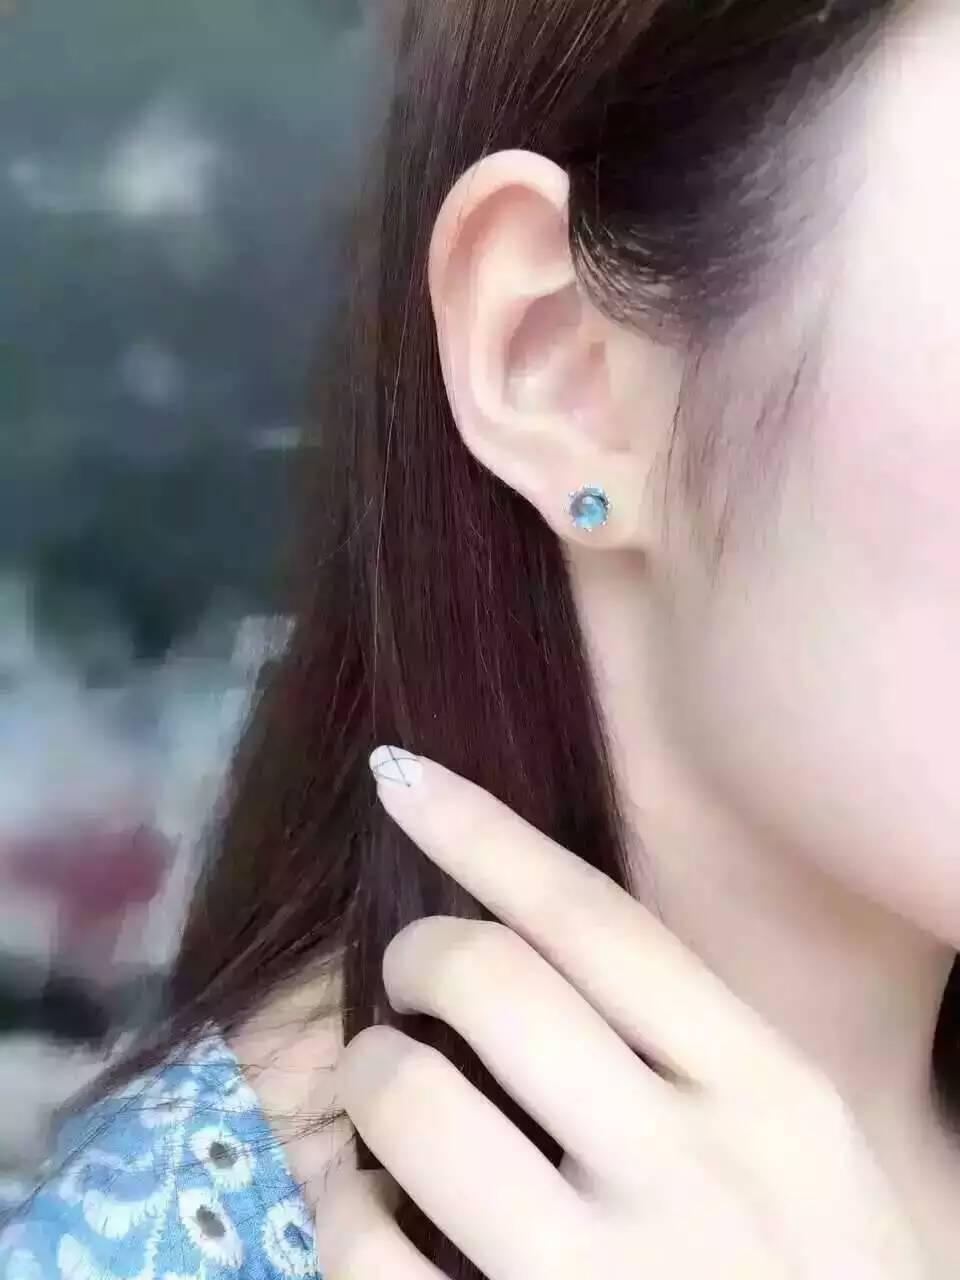 ต่างหูหินบุษราคัมธรรมชาติ925เงินธรรมชาติสีฟ้าพลอยต่างหูผู้หญิงบุคลิกภาพที่สง่างามแฟชั่นรอบสำหรับพรรค-ใน ต่างหู จาก อัญมณีและเครื่องประดับ บน AliExpress - 11.11_สิบเอ็ด สิบเอ็ดวันคนโสด 3